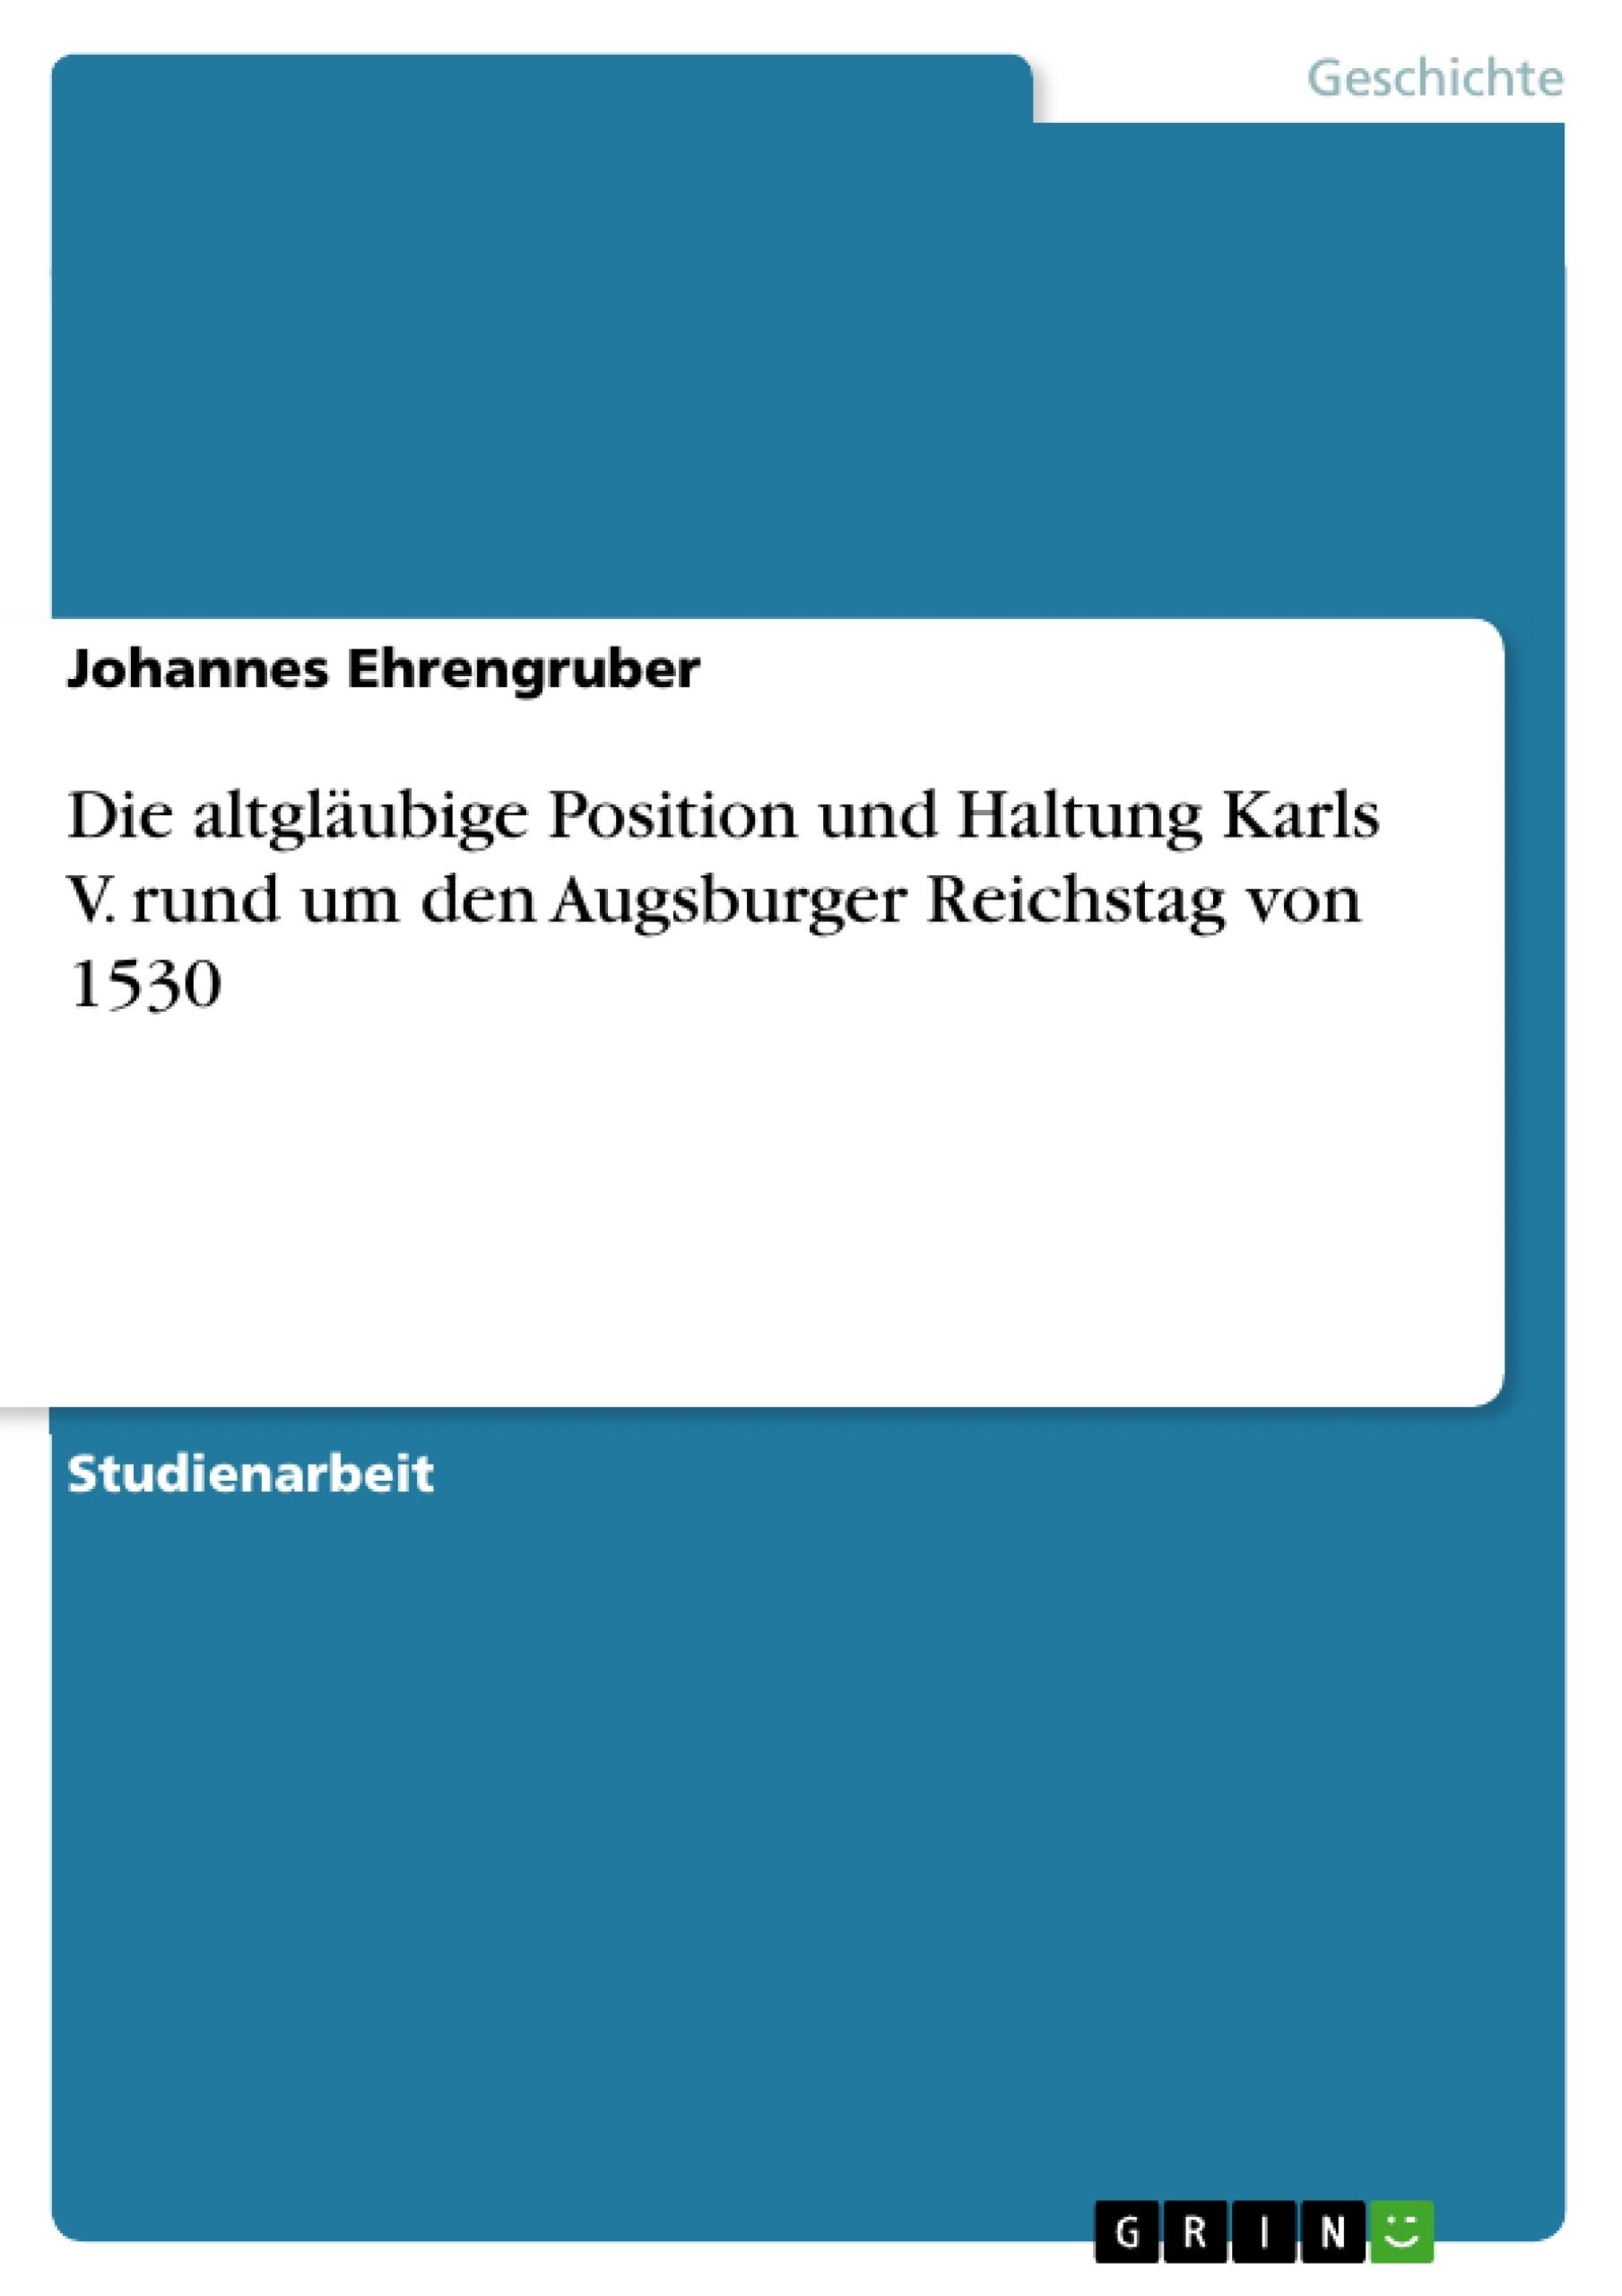 Titel: Die altgläubige Position und Haltung Karls V. rund um den Augsburger Reichstag von 1530